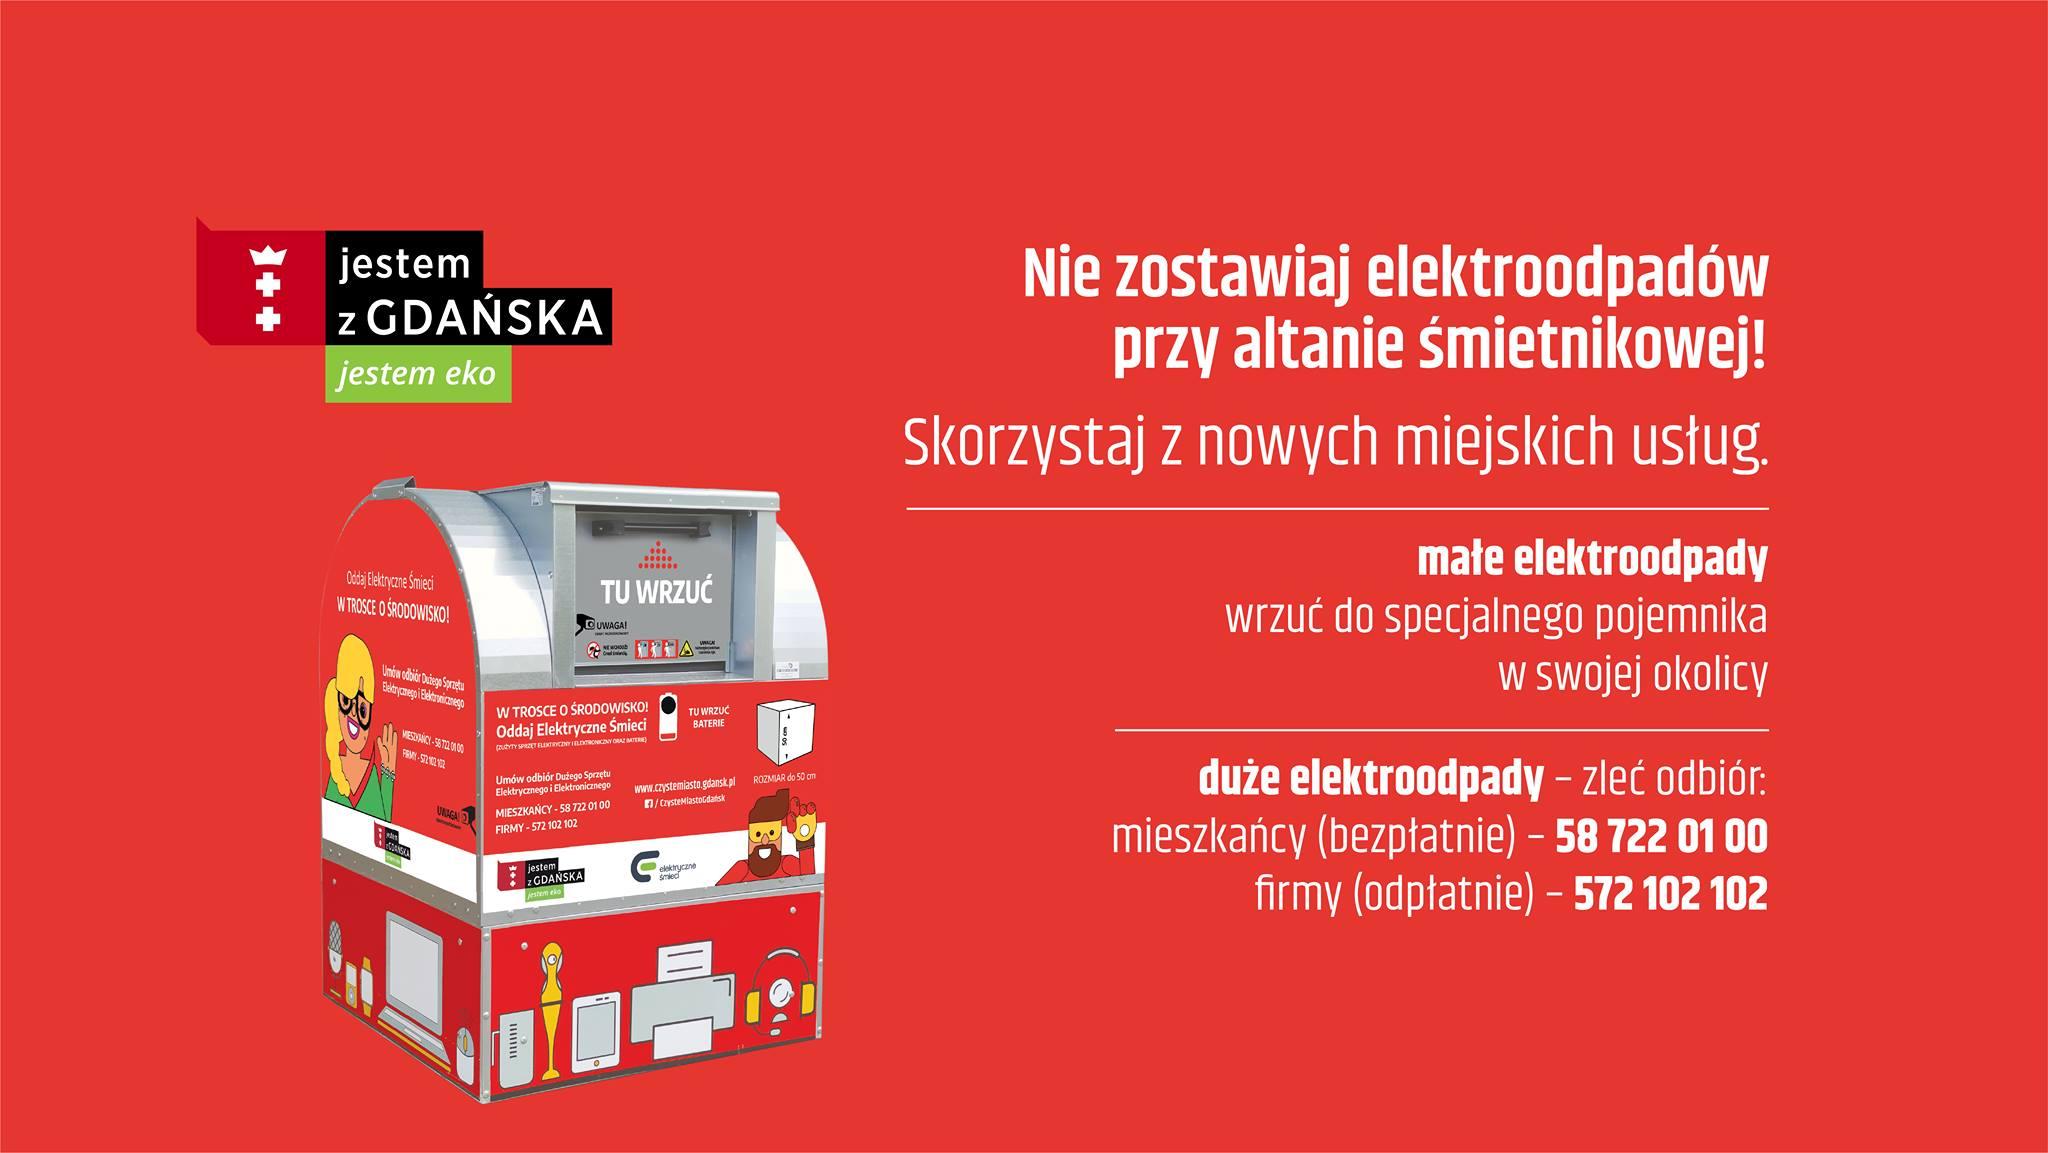 Rozszerzone usługi w zakresie zagospodarowania elektroodpadów